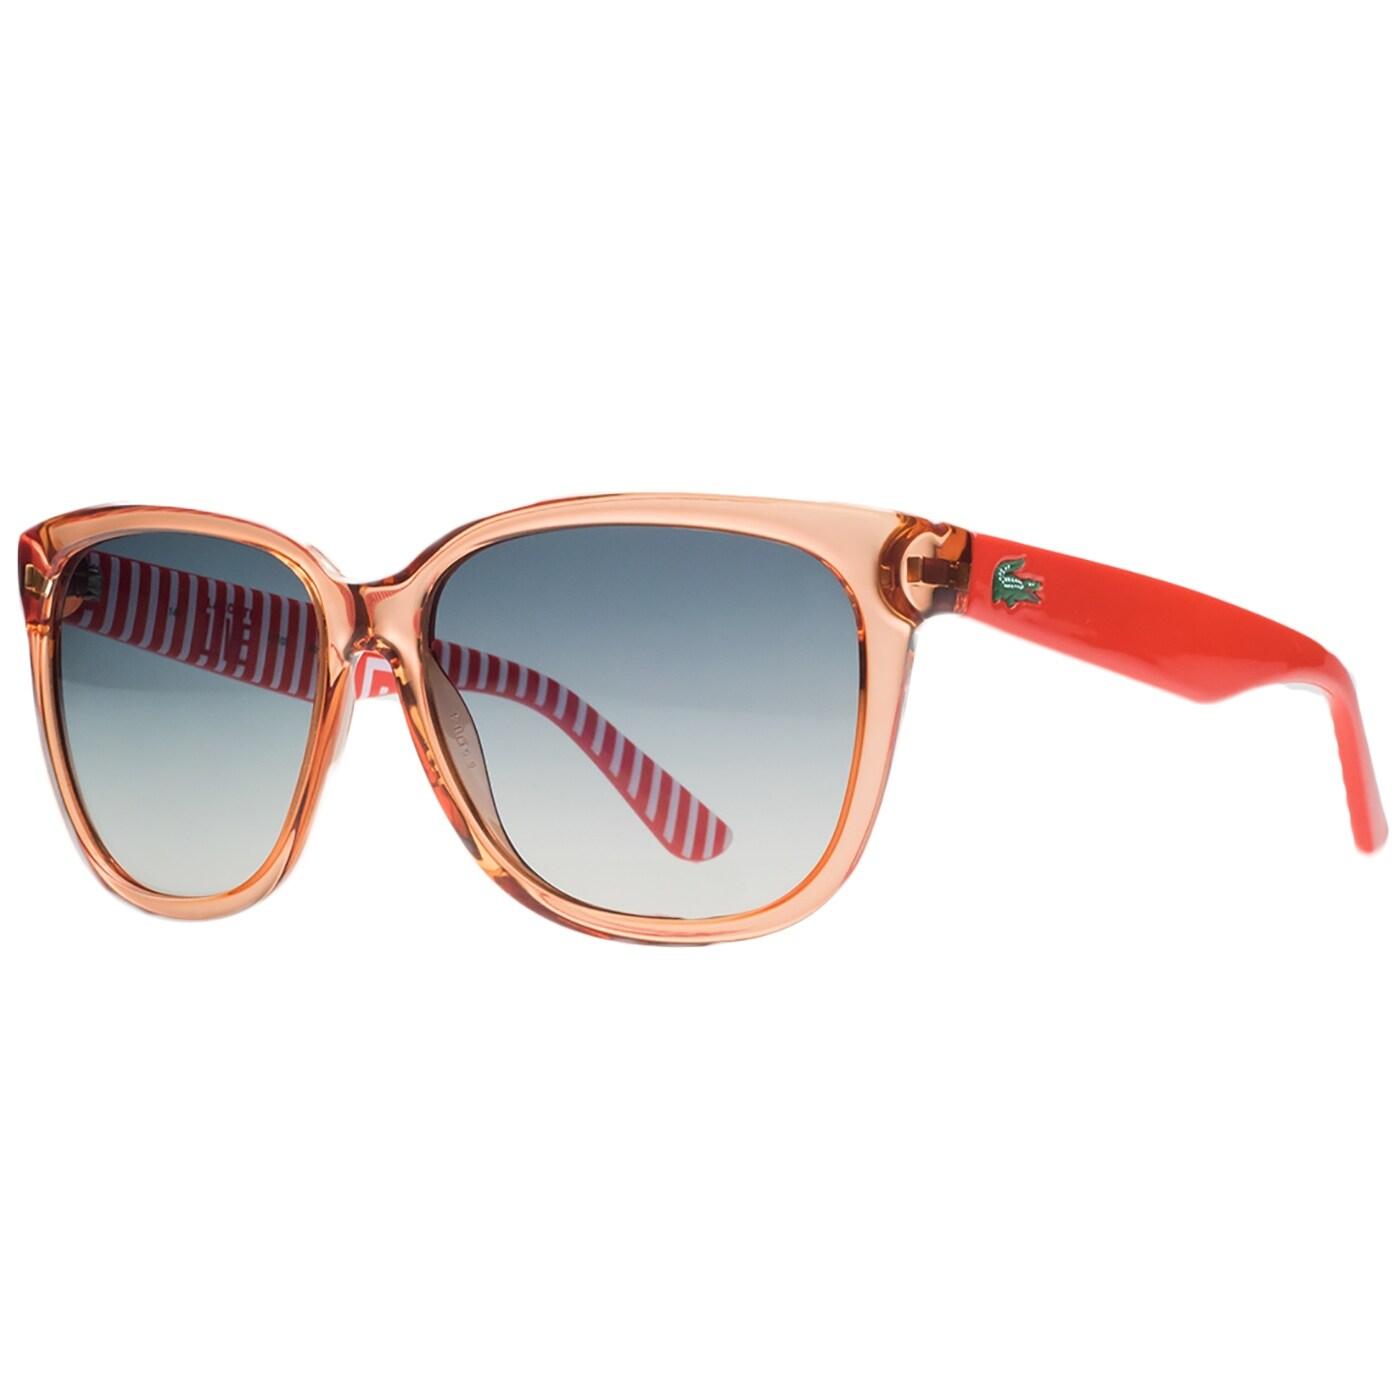 4aa9c3fc36e Lacoste Sunglasses